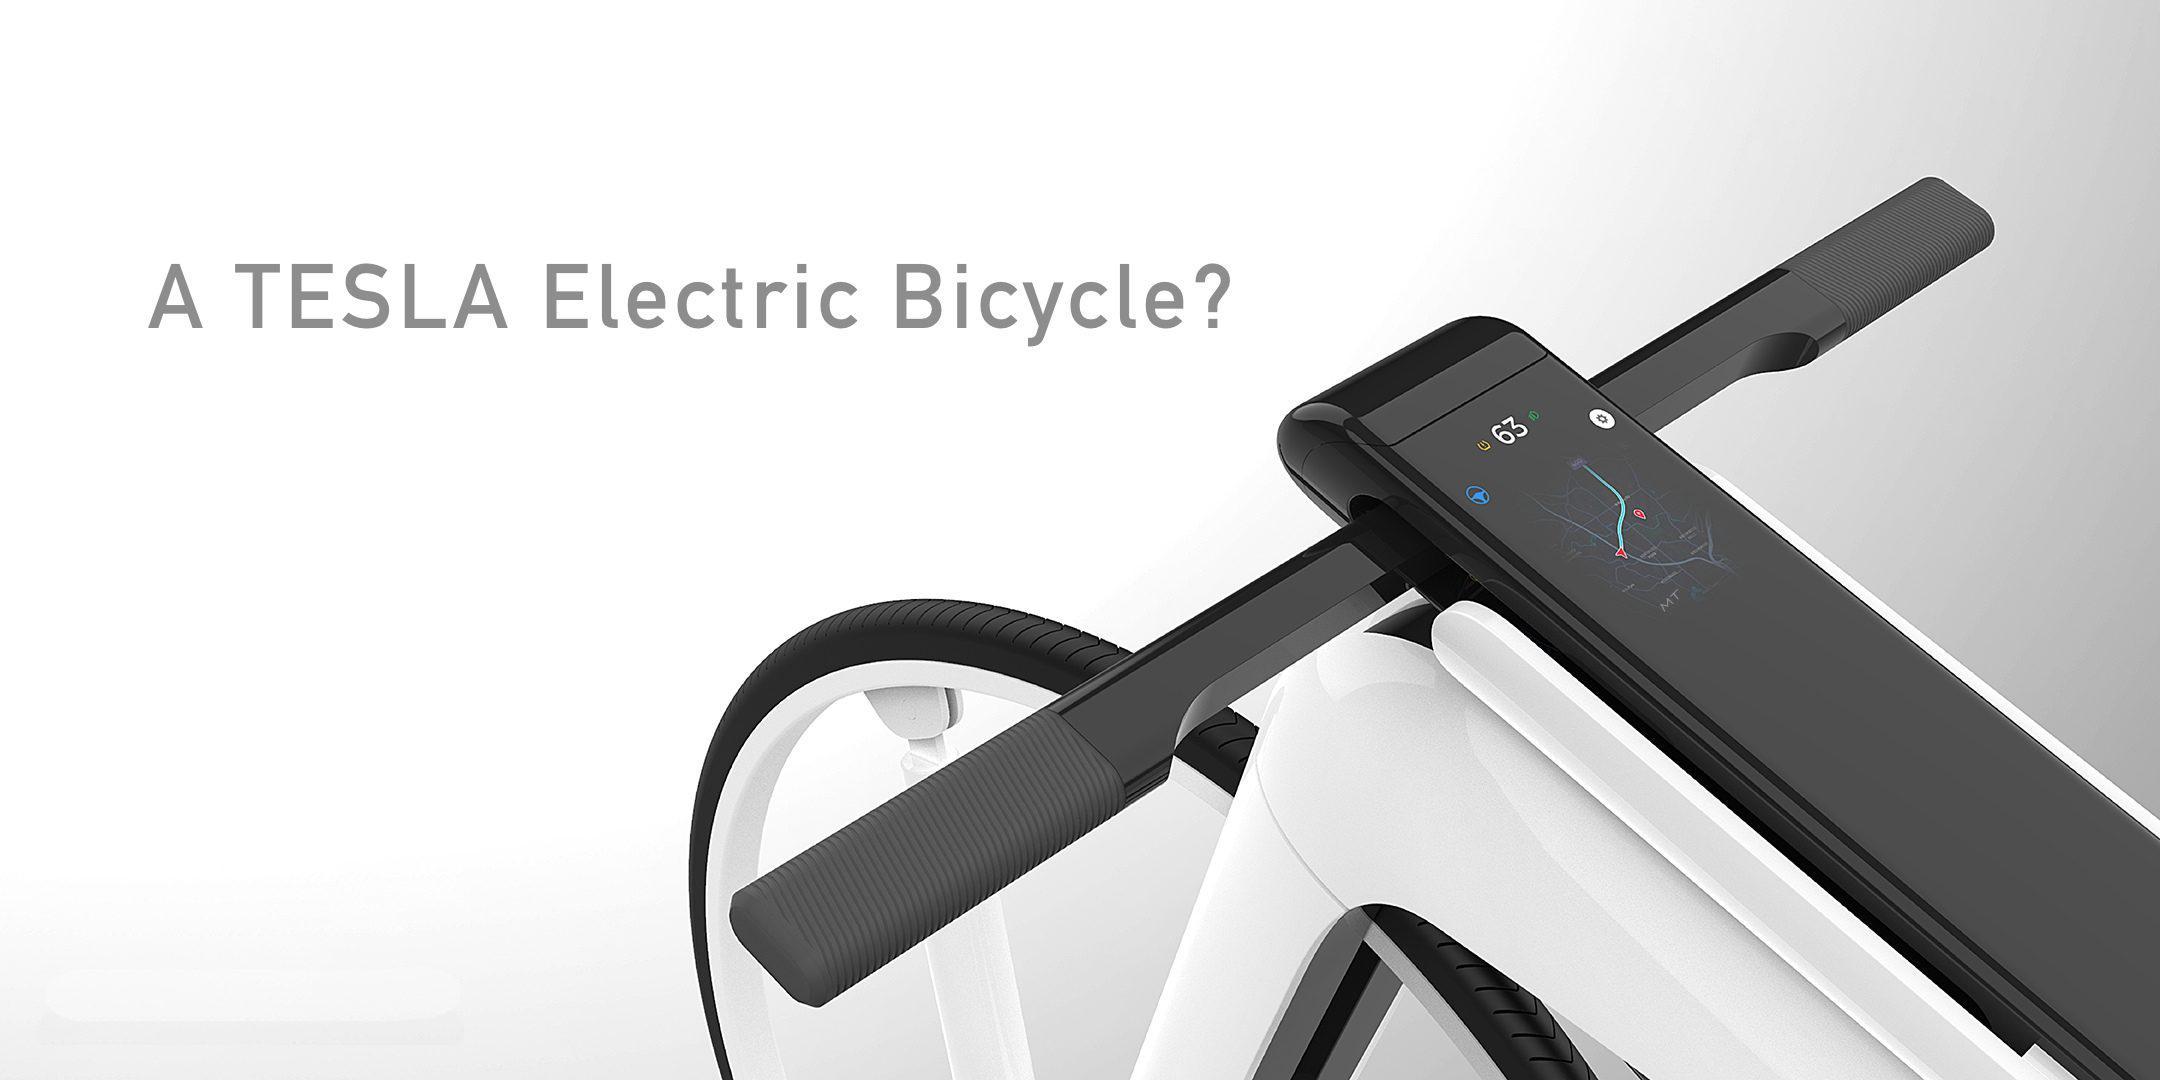 马斯克称特斯拉或将打造一款电动自行车